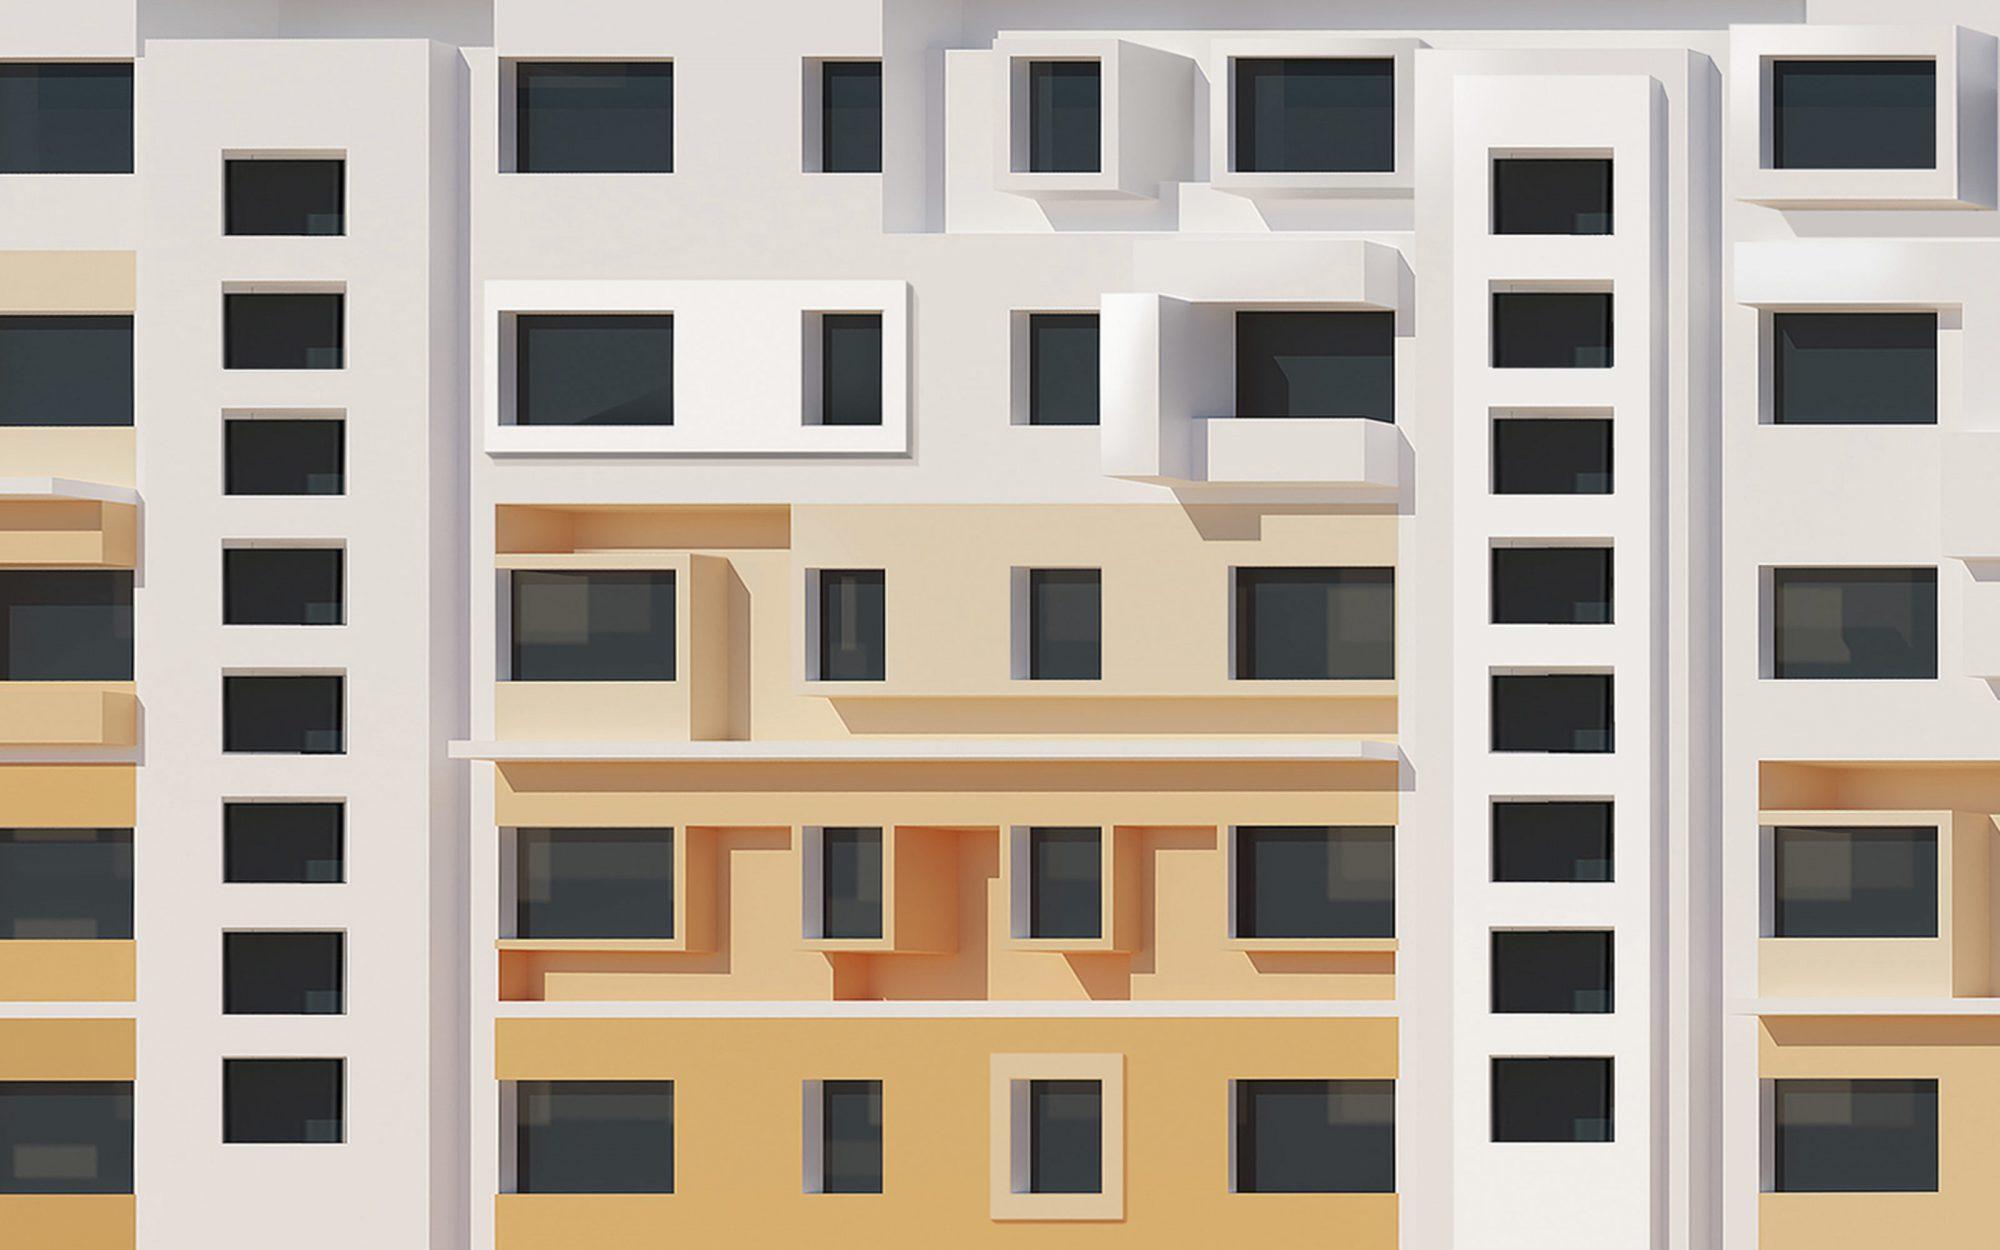 GRACO-Neuruppin-Rendering-Fassadengestaltung-Entwurf